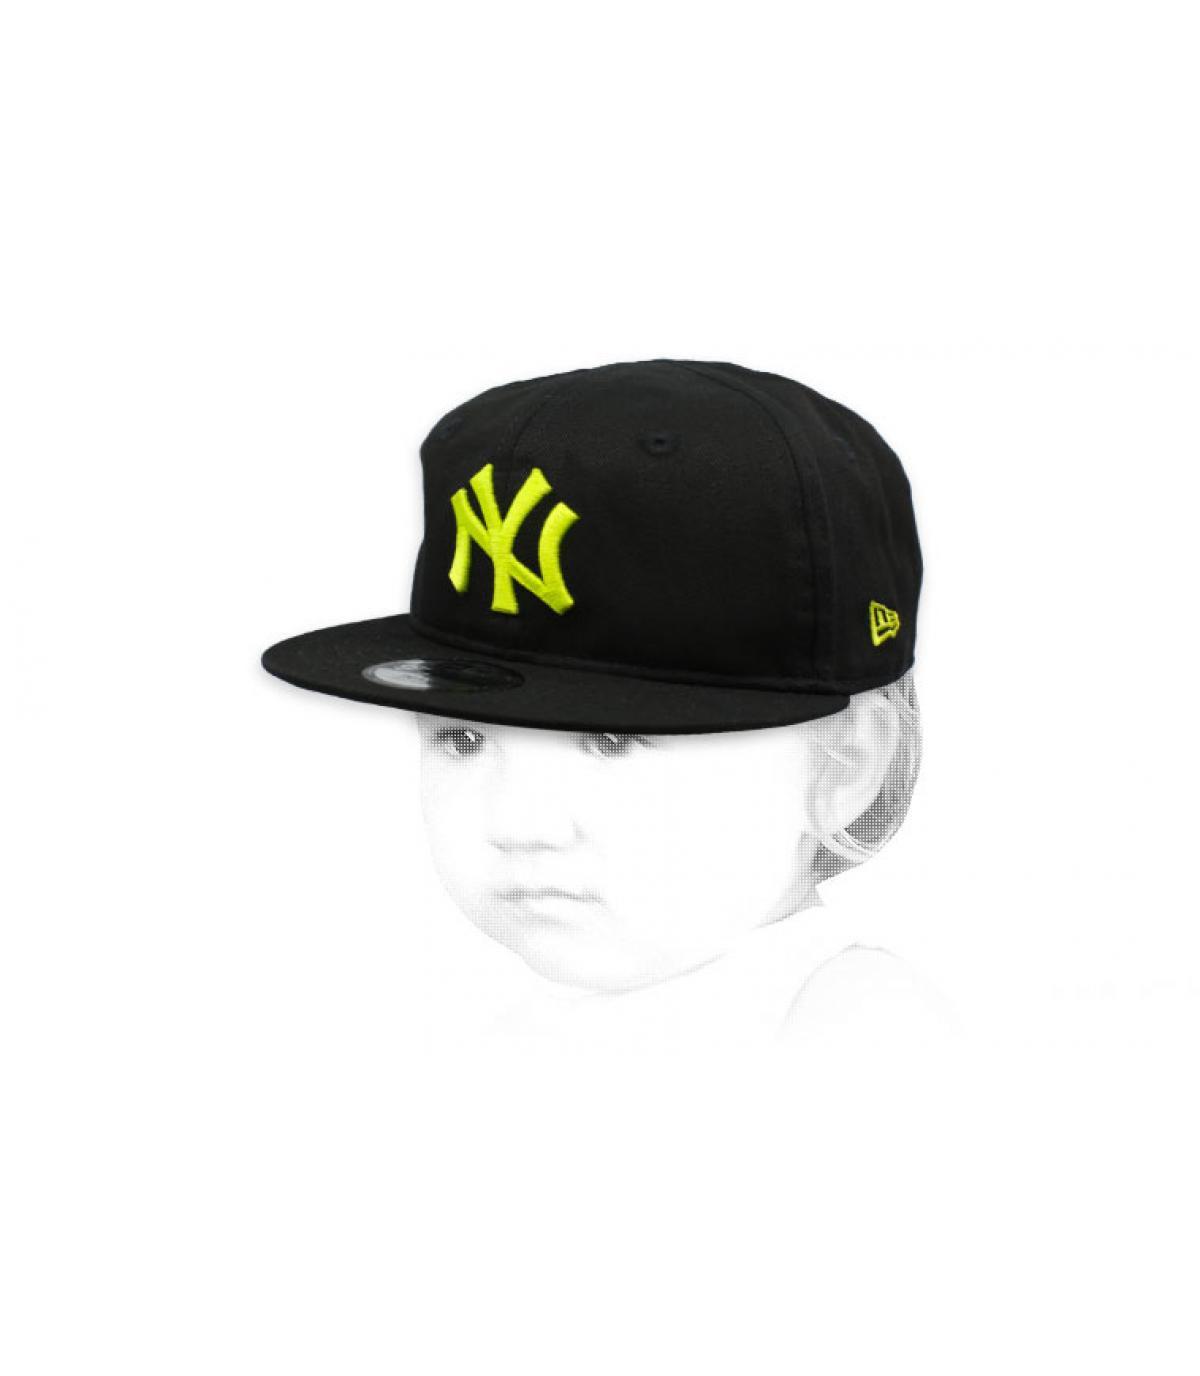 NY baby cap black yellow